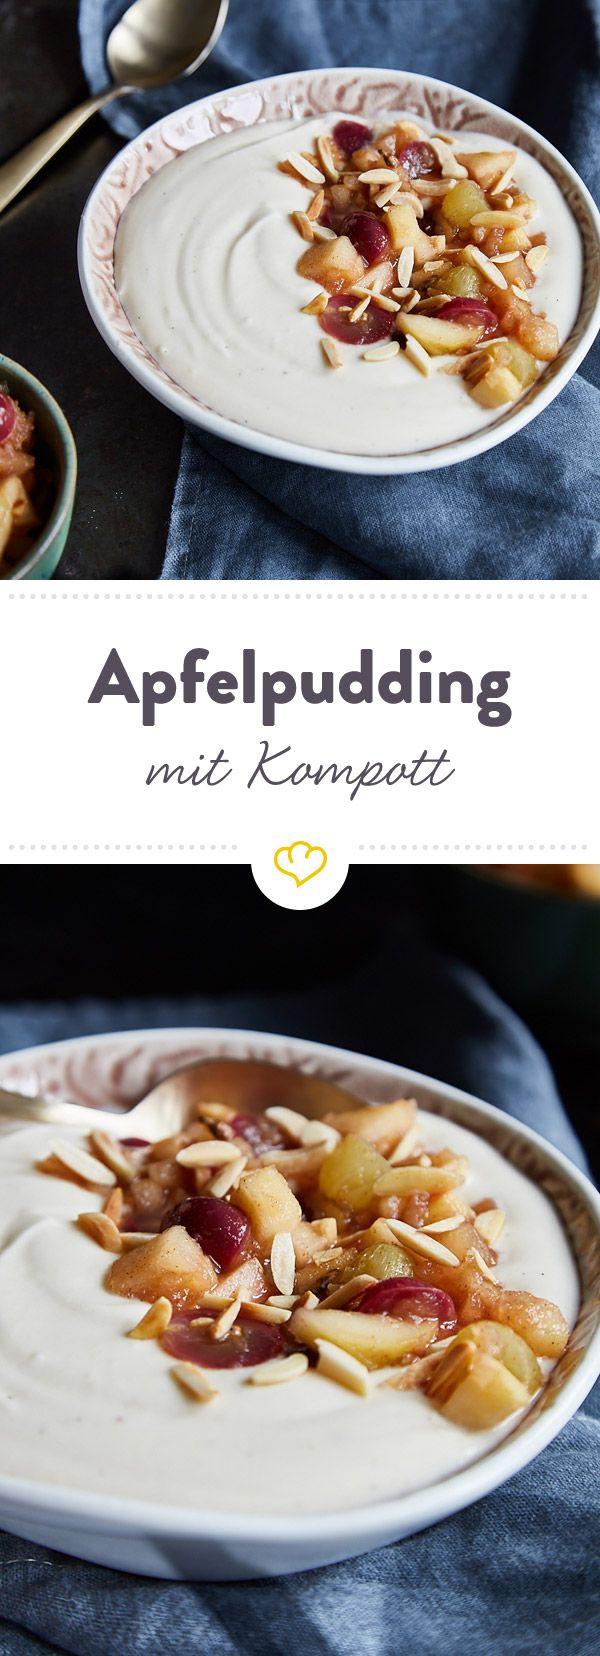 Tschüss Fertigpudding, hallo sahniger Apfelpudding! Warmer Kompott aus Herbstfrüchten macht das köstliche Dessert zu einem echten Liebling der Saison.